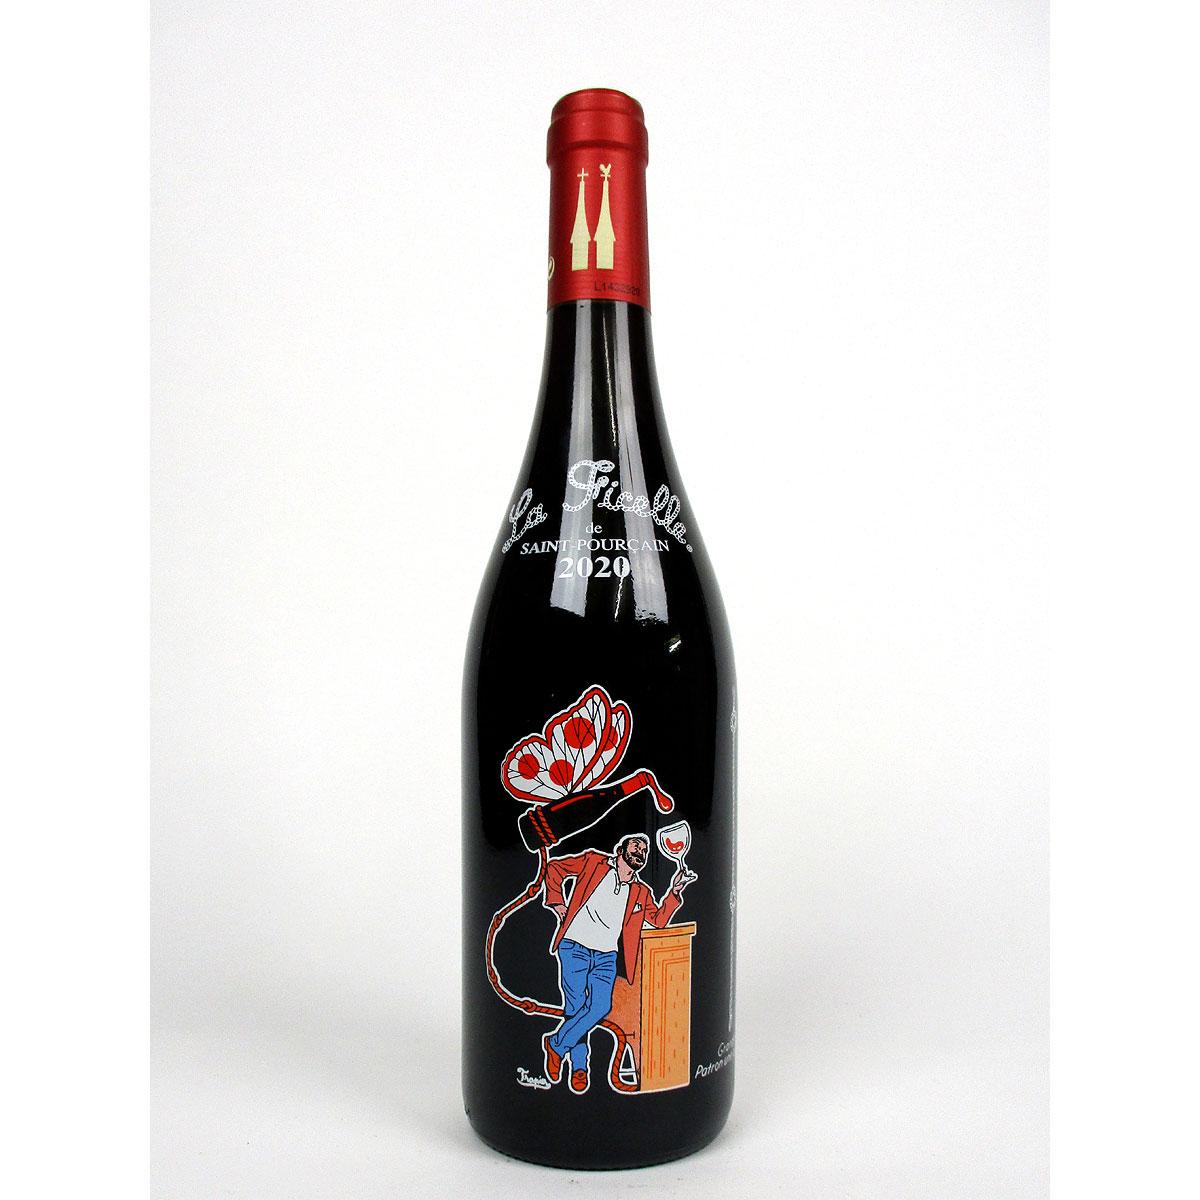 Saint-Pourçain: 'La Ficelle' Rouge 2020 - Bottle